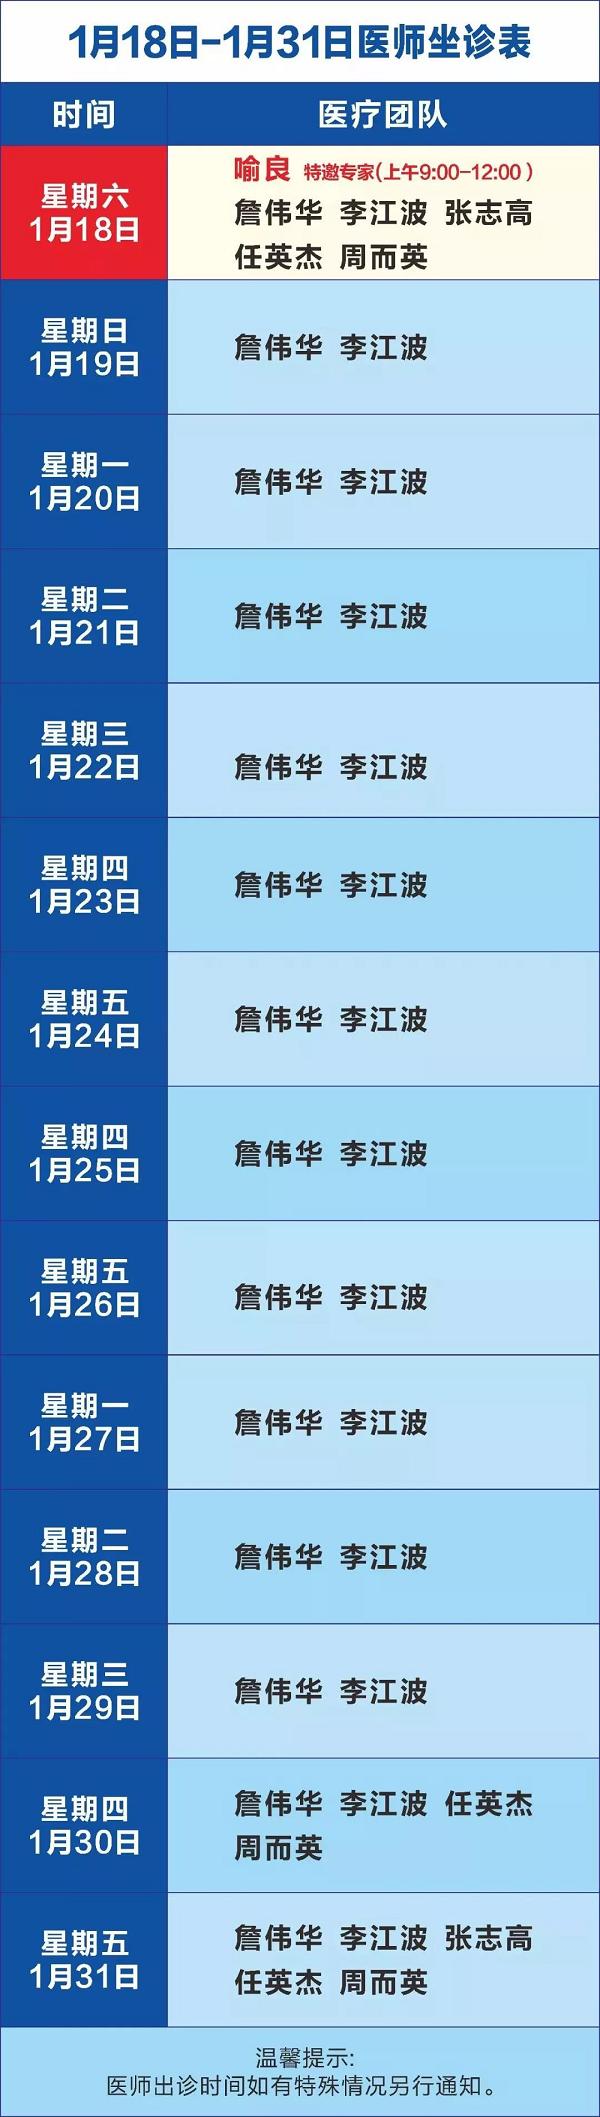 成都神康癫痫医院1月20日-1月31日医生出诊时间安排及援助活动!